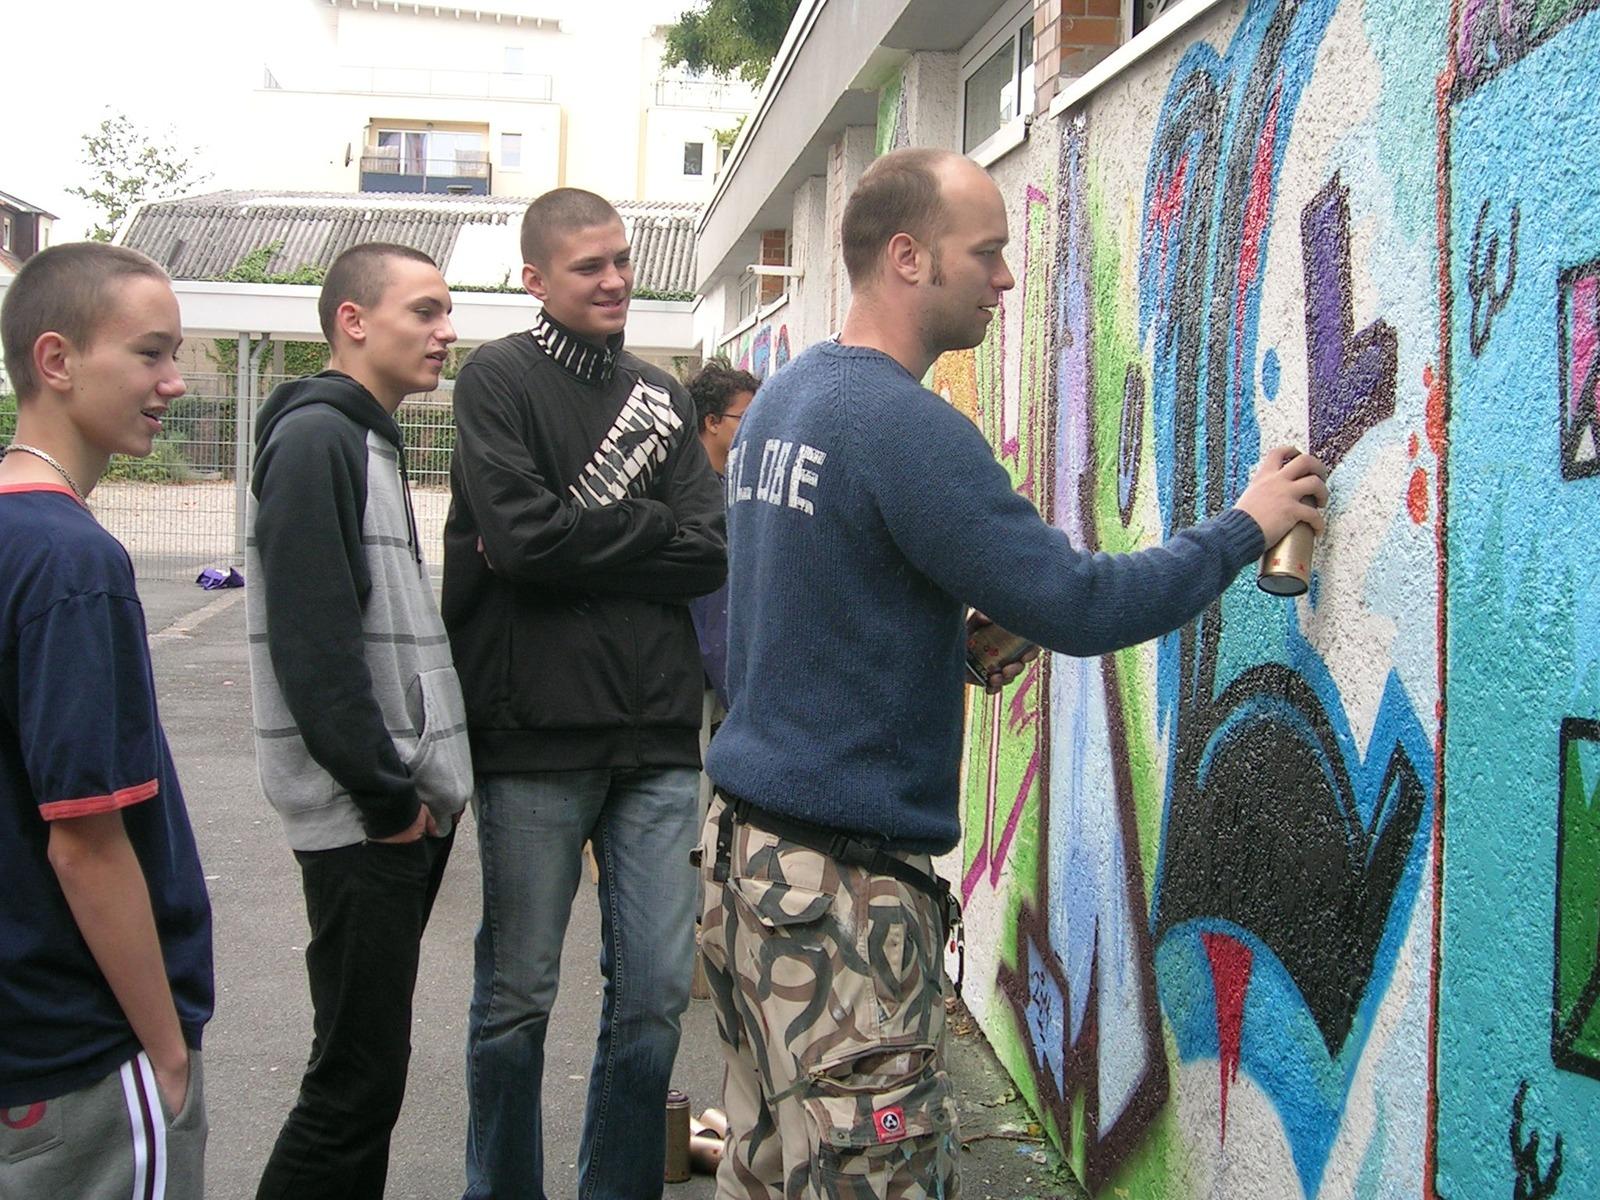 graffitiauftrag_graffitikuenstler_graffitikids_artmos4_schiller_schule_event_graffiti_offenbach_8